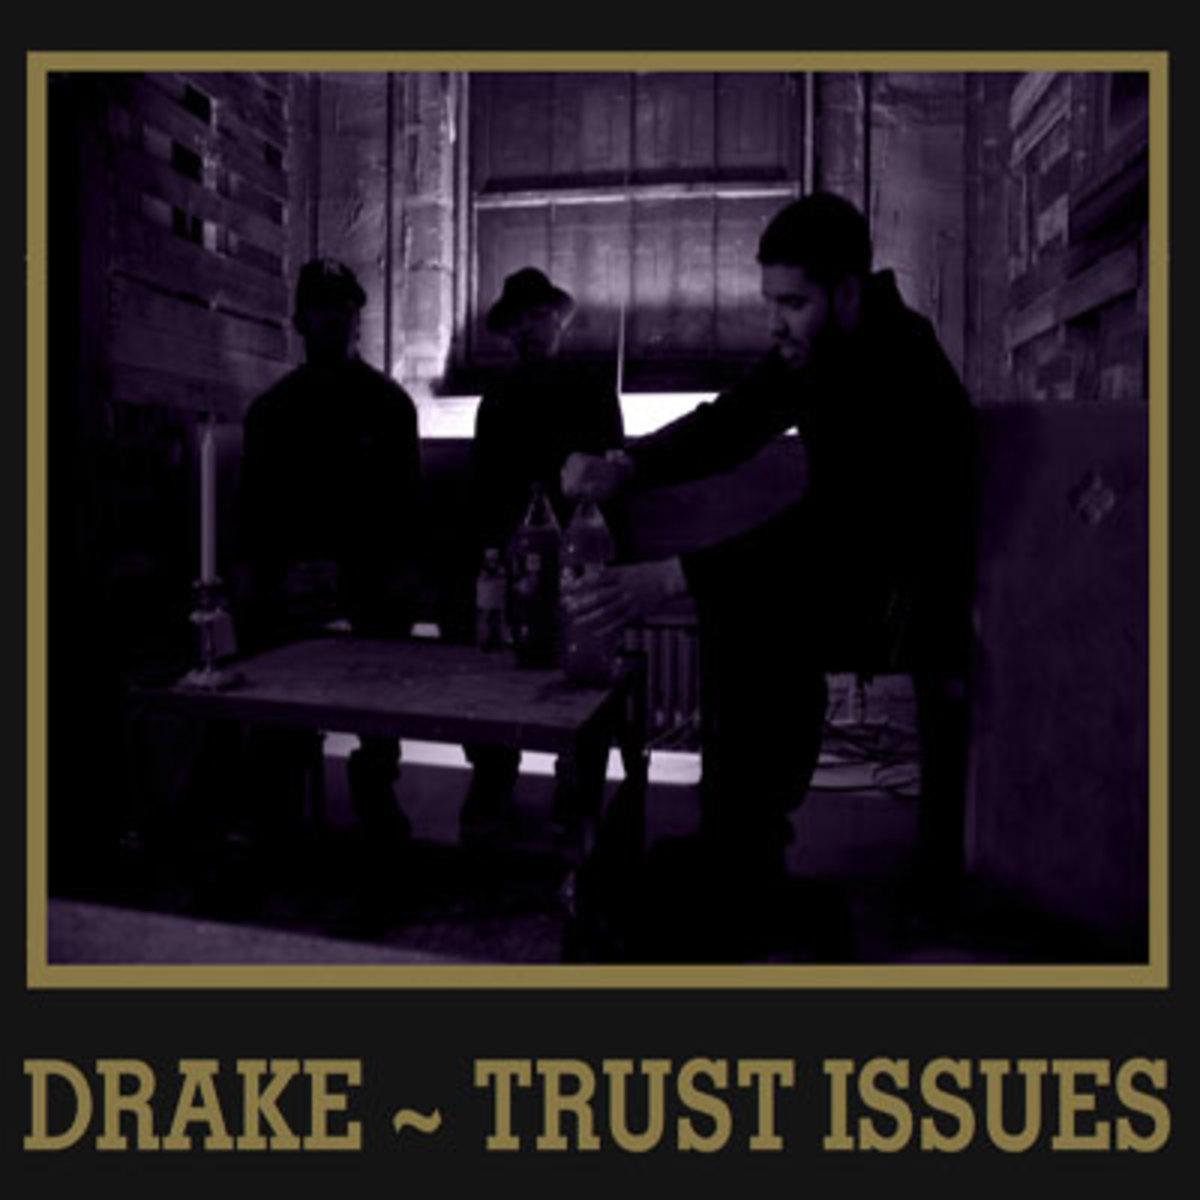 drake-trustissues.jpg